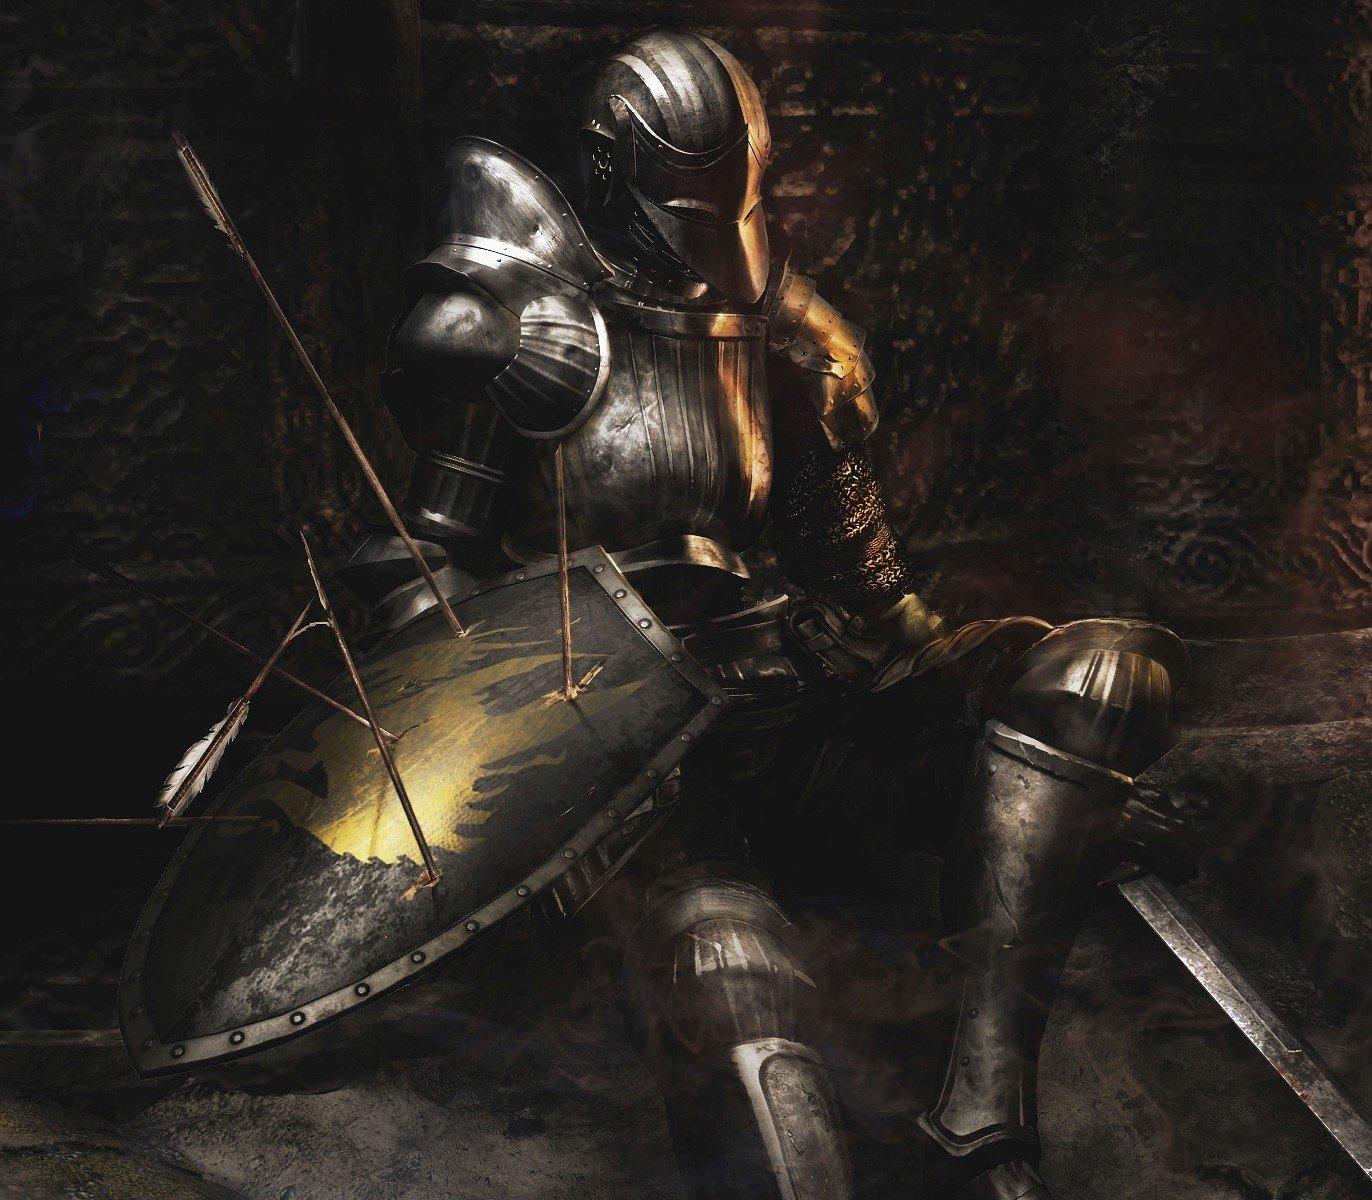 Лучшие находки Demon's Souls, Dark Souls и Bloodborne | Канобу - Изображение 2